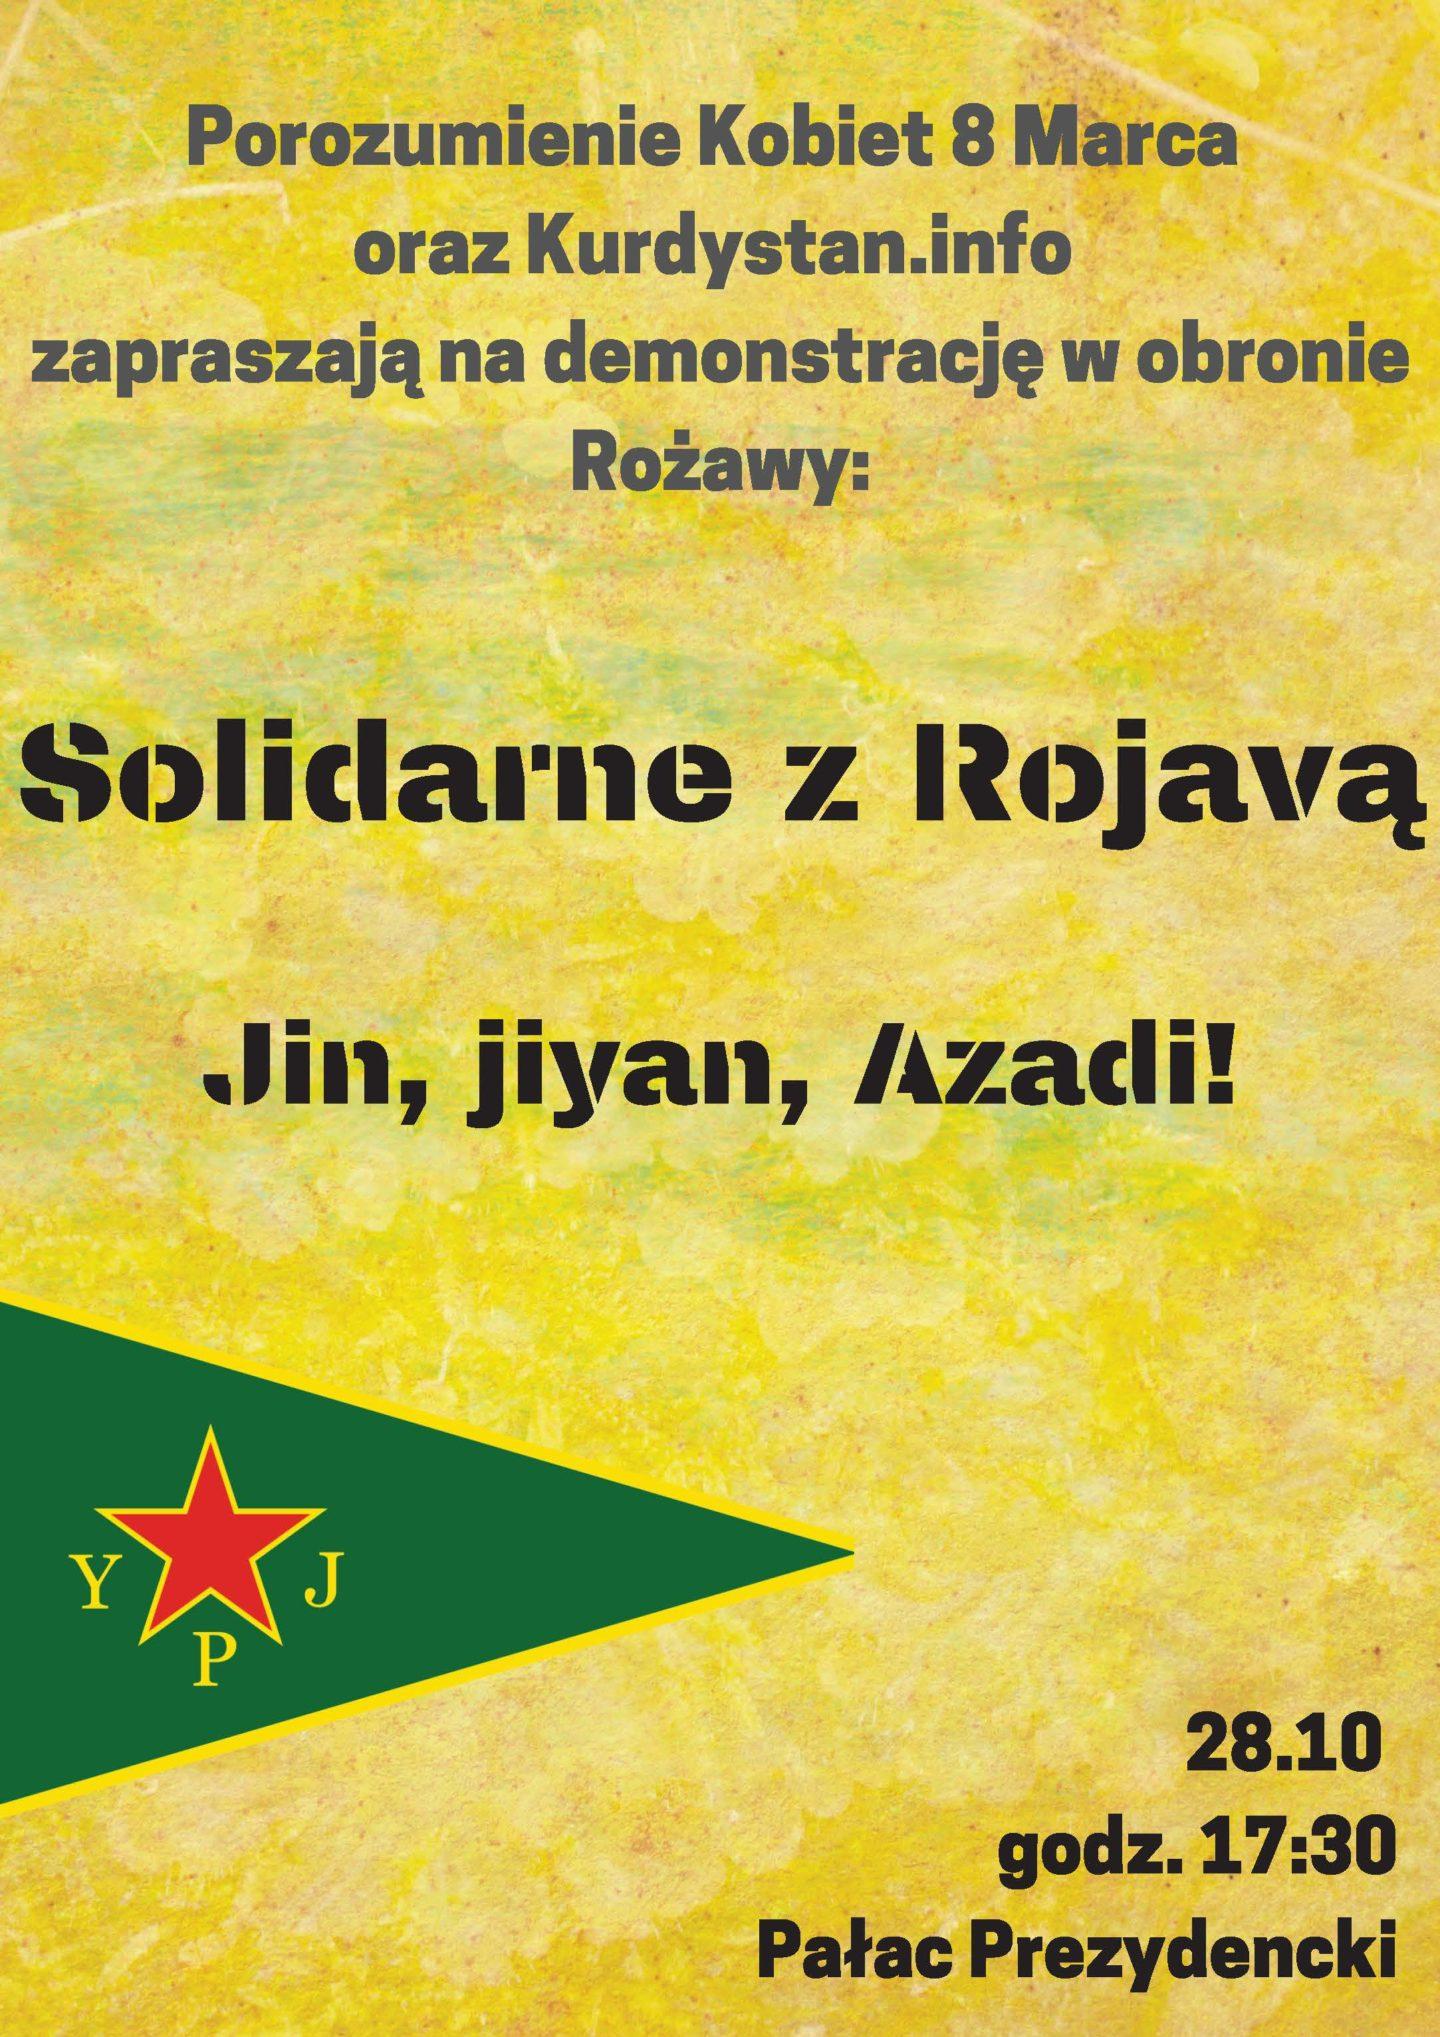 Solidarne z Rożawą